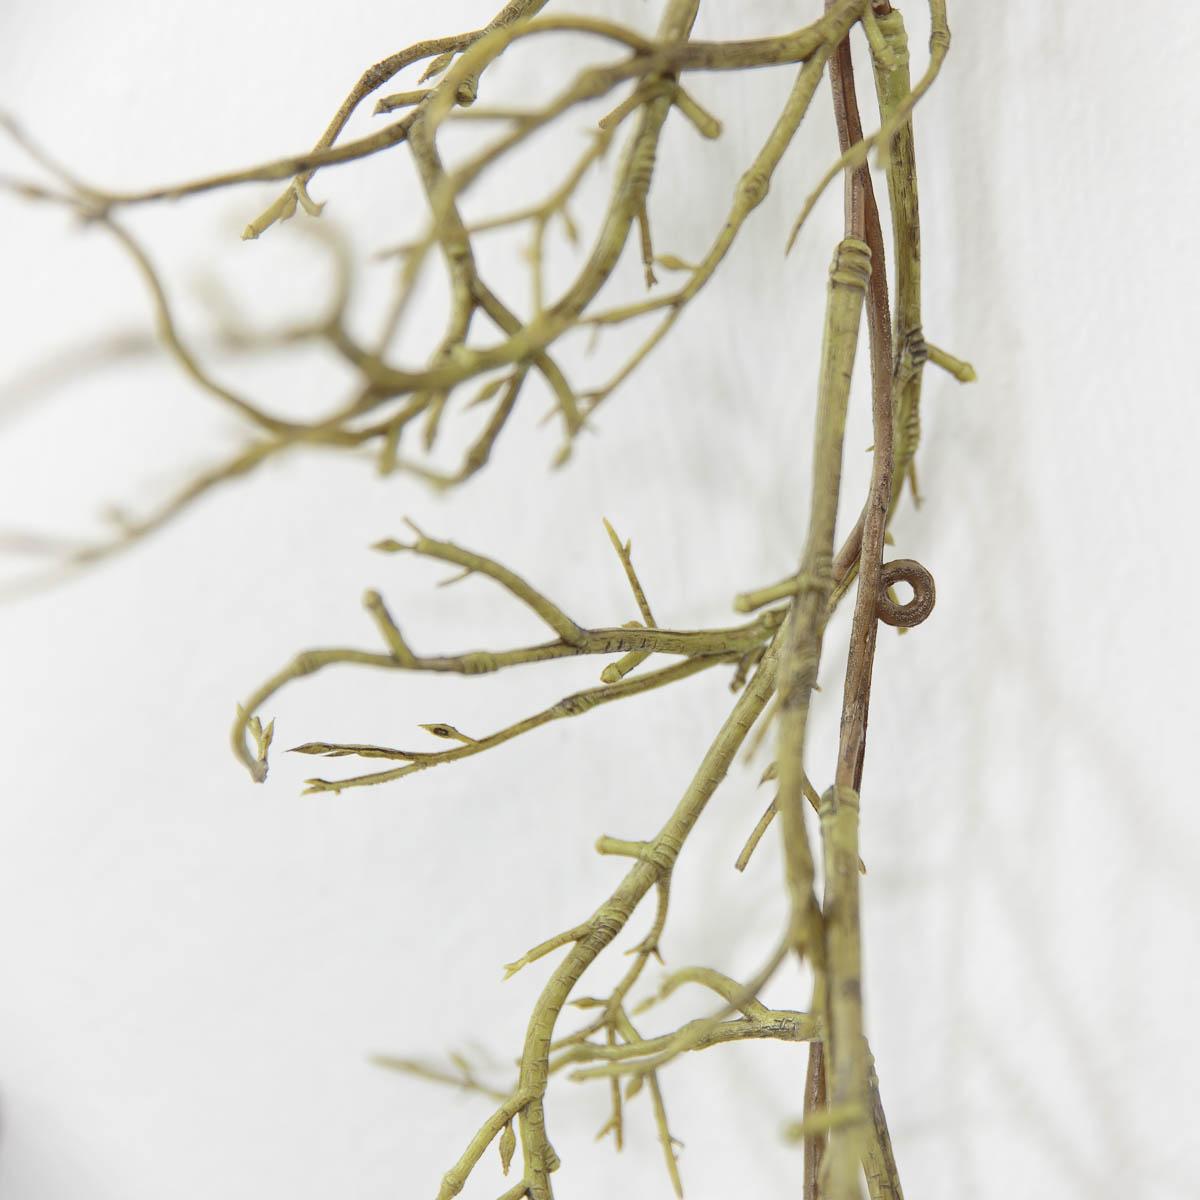 기근 트위그가지 행잉플랜트 조화넝쿨 갈란드 180cm 고리디테일